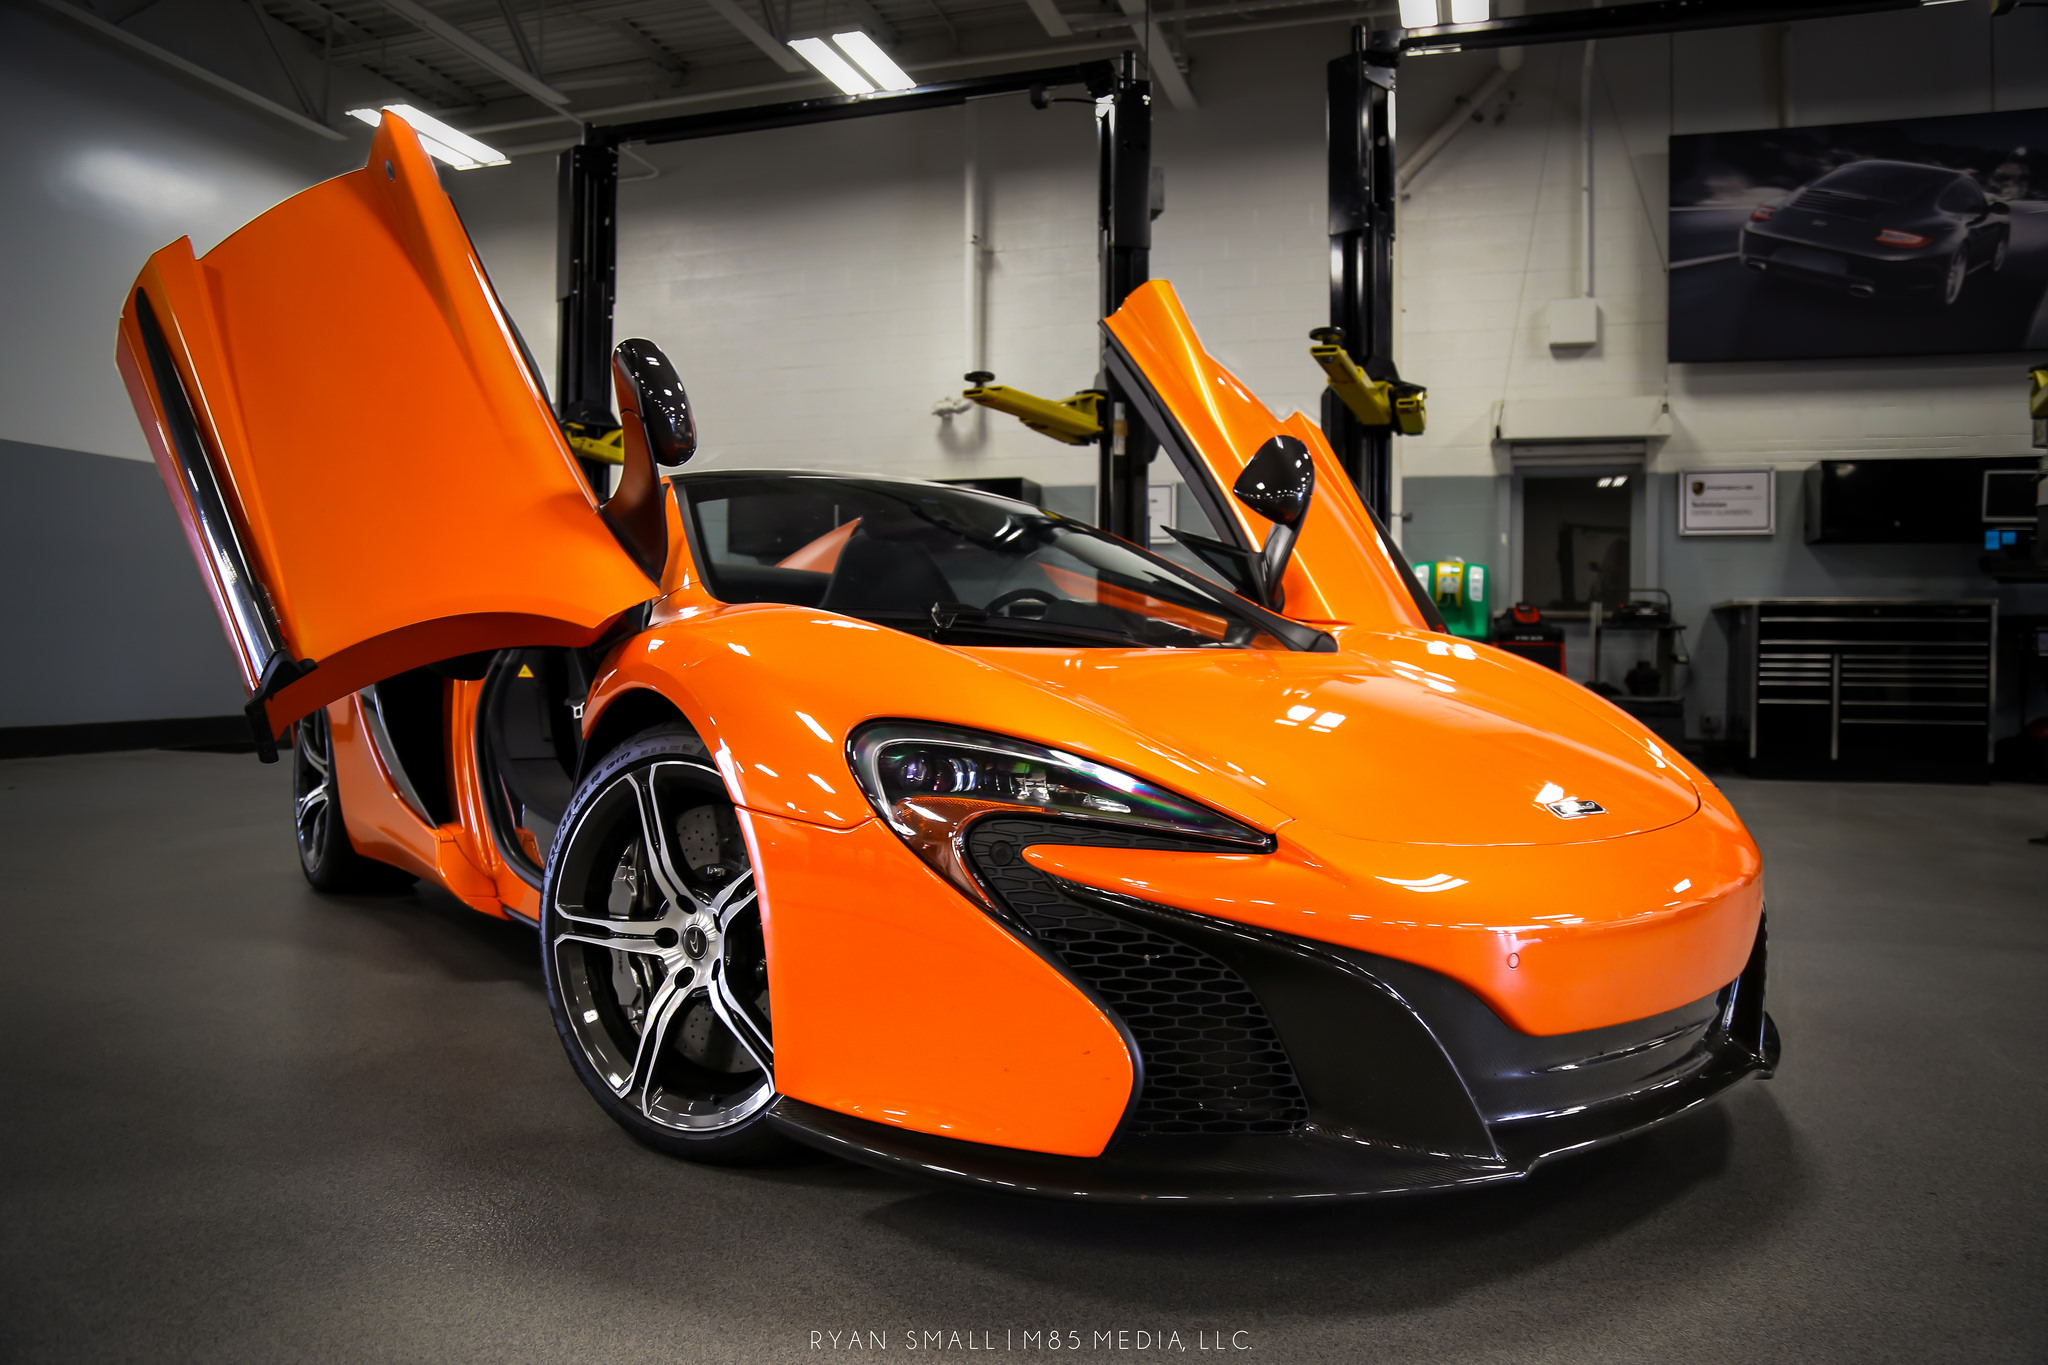 Utcai izomautók közt a legnagyobb? McLaren 650S